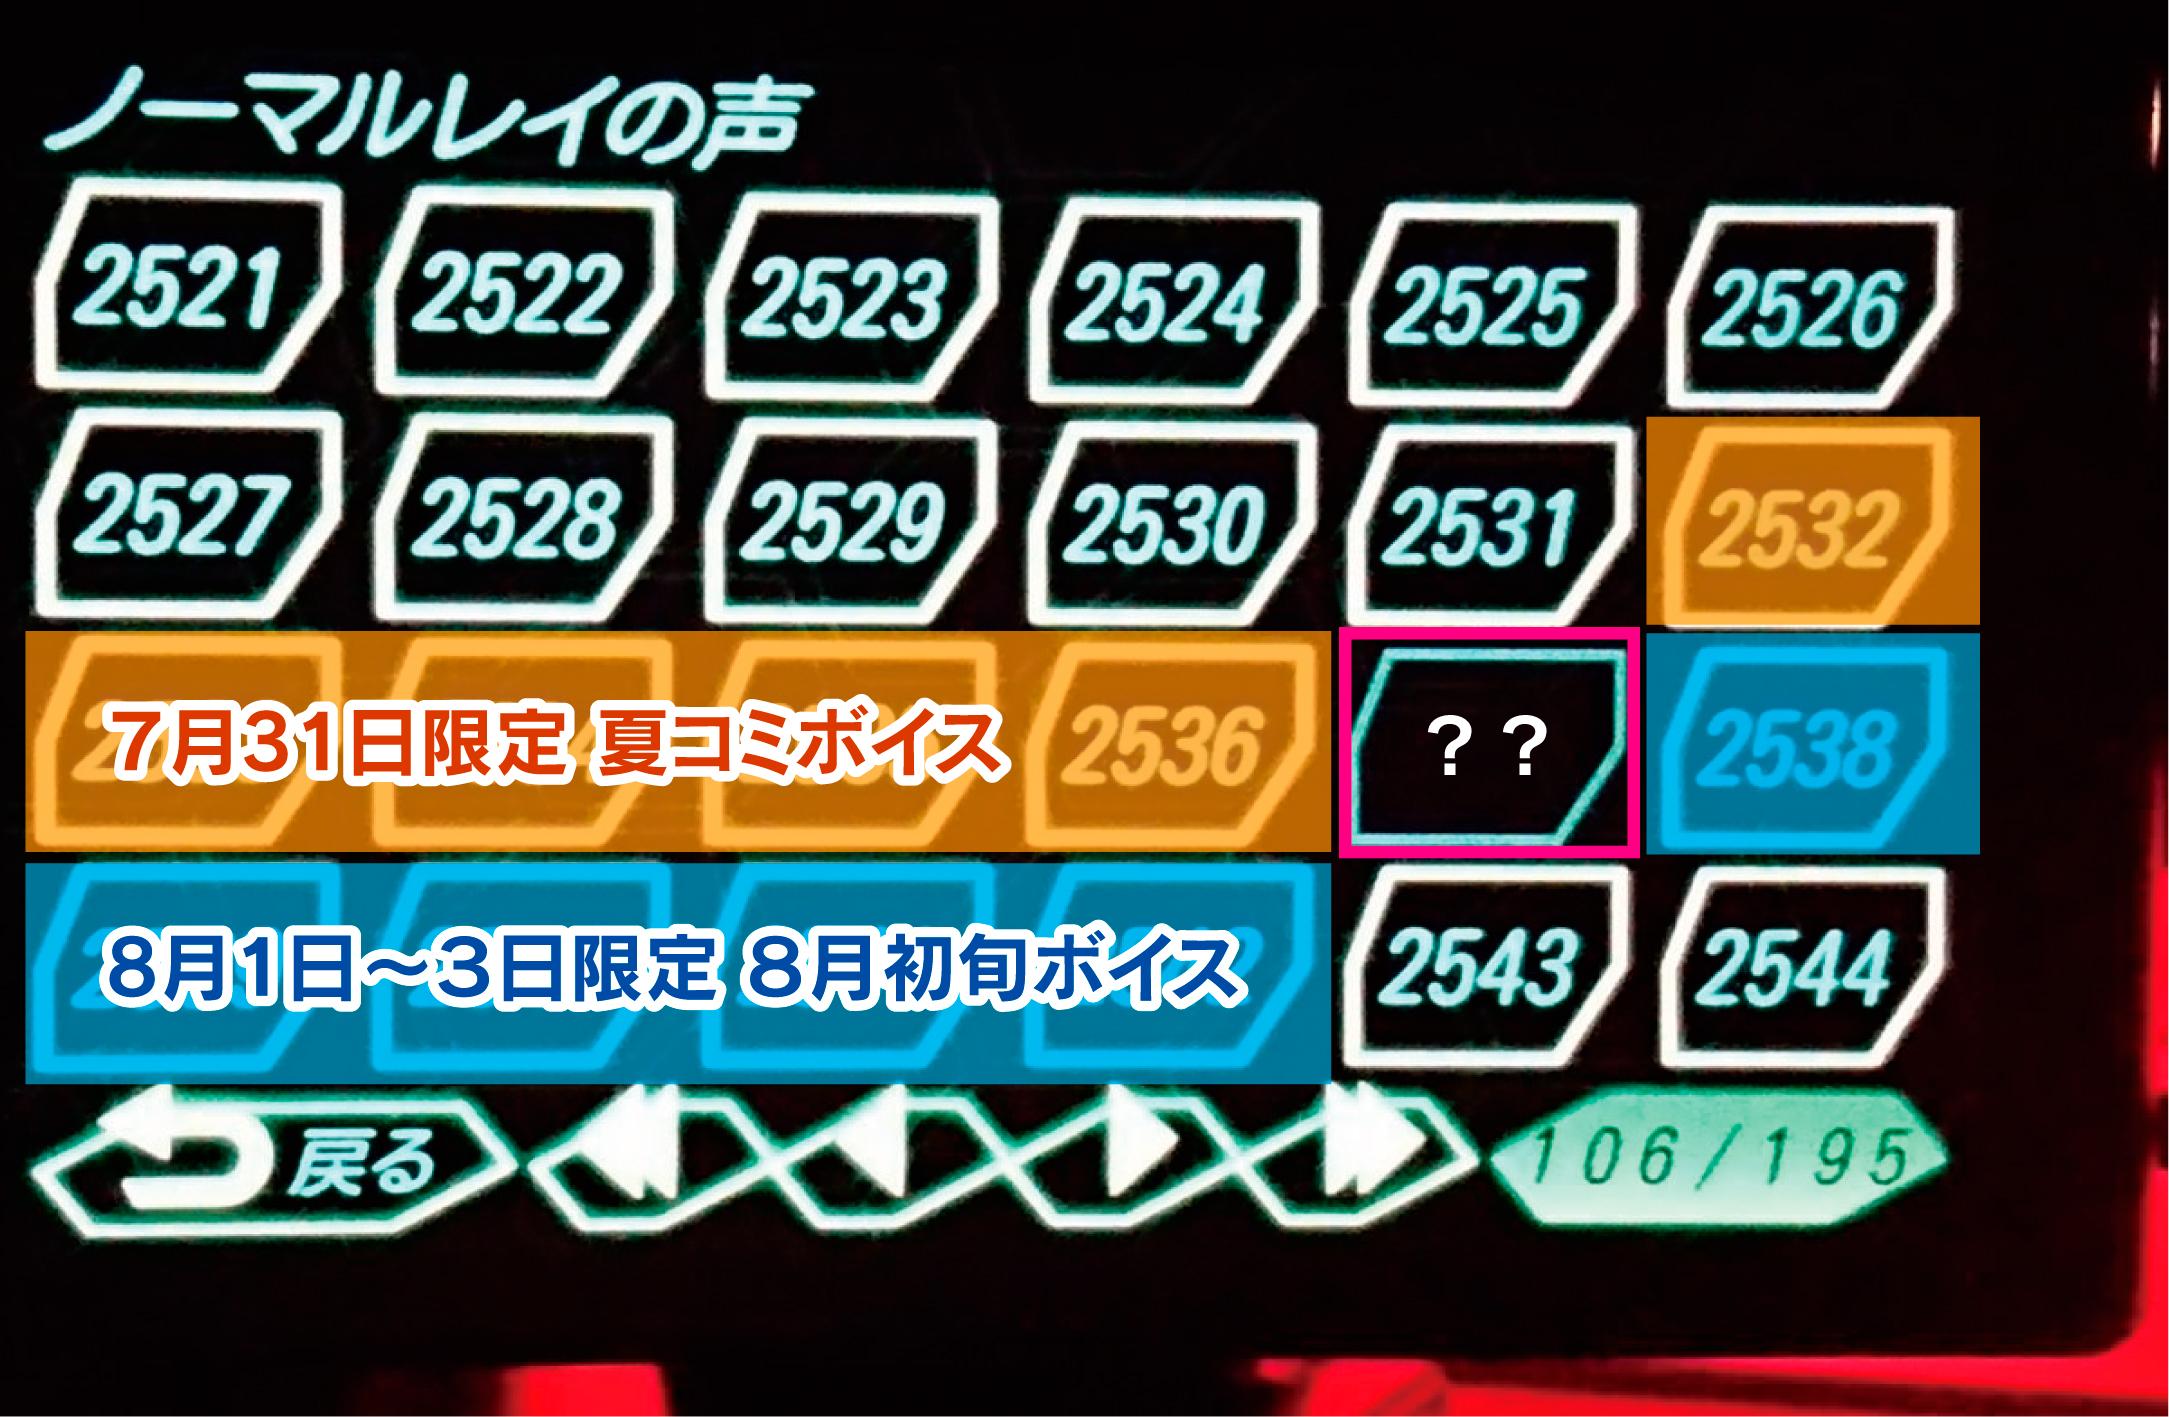 霧島レイ商品(Leiシリーズ)に関する情報提供のお願い 記事イメージ